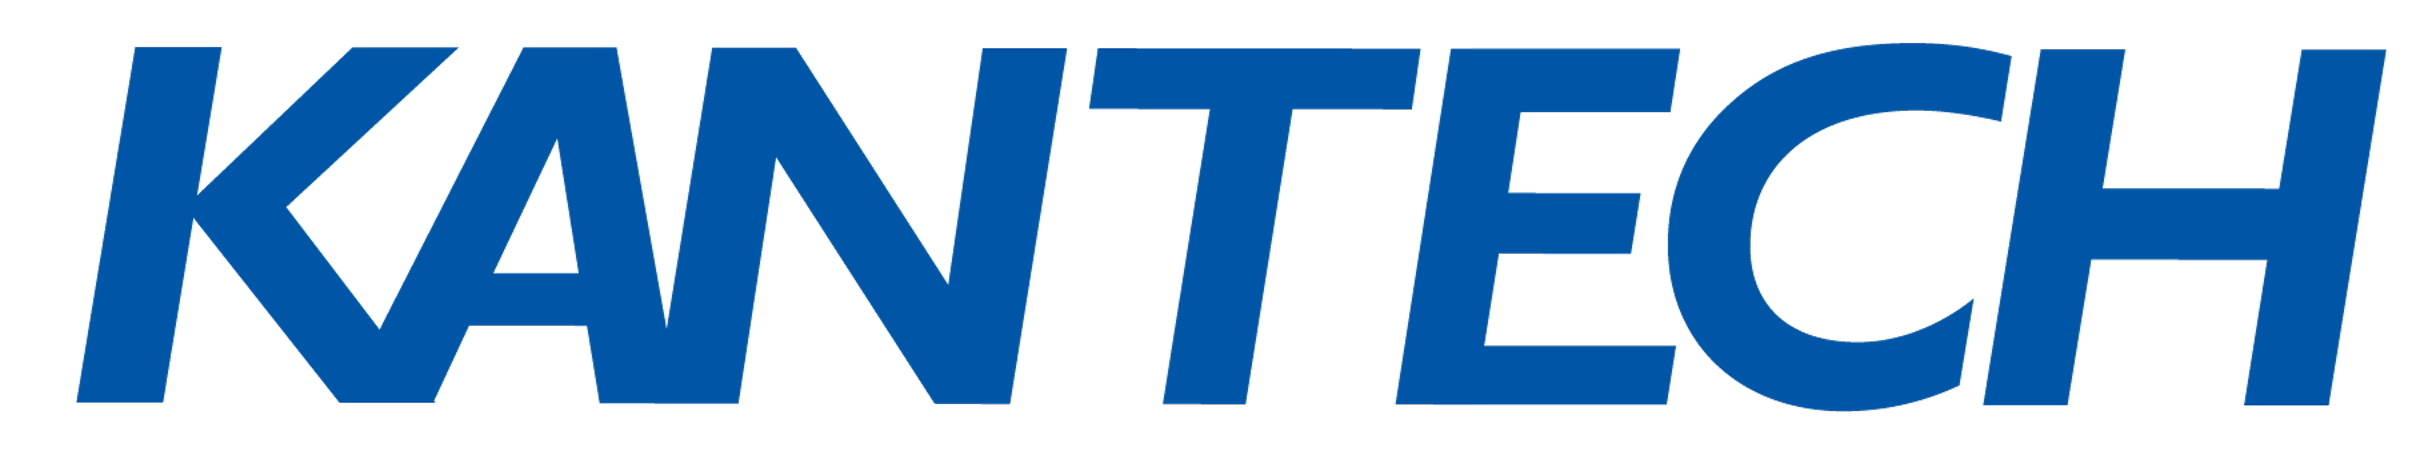 Kantech Logo